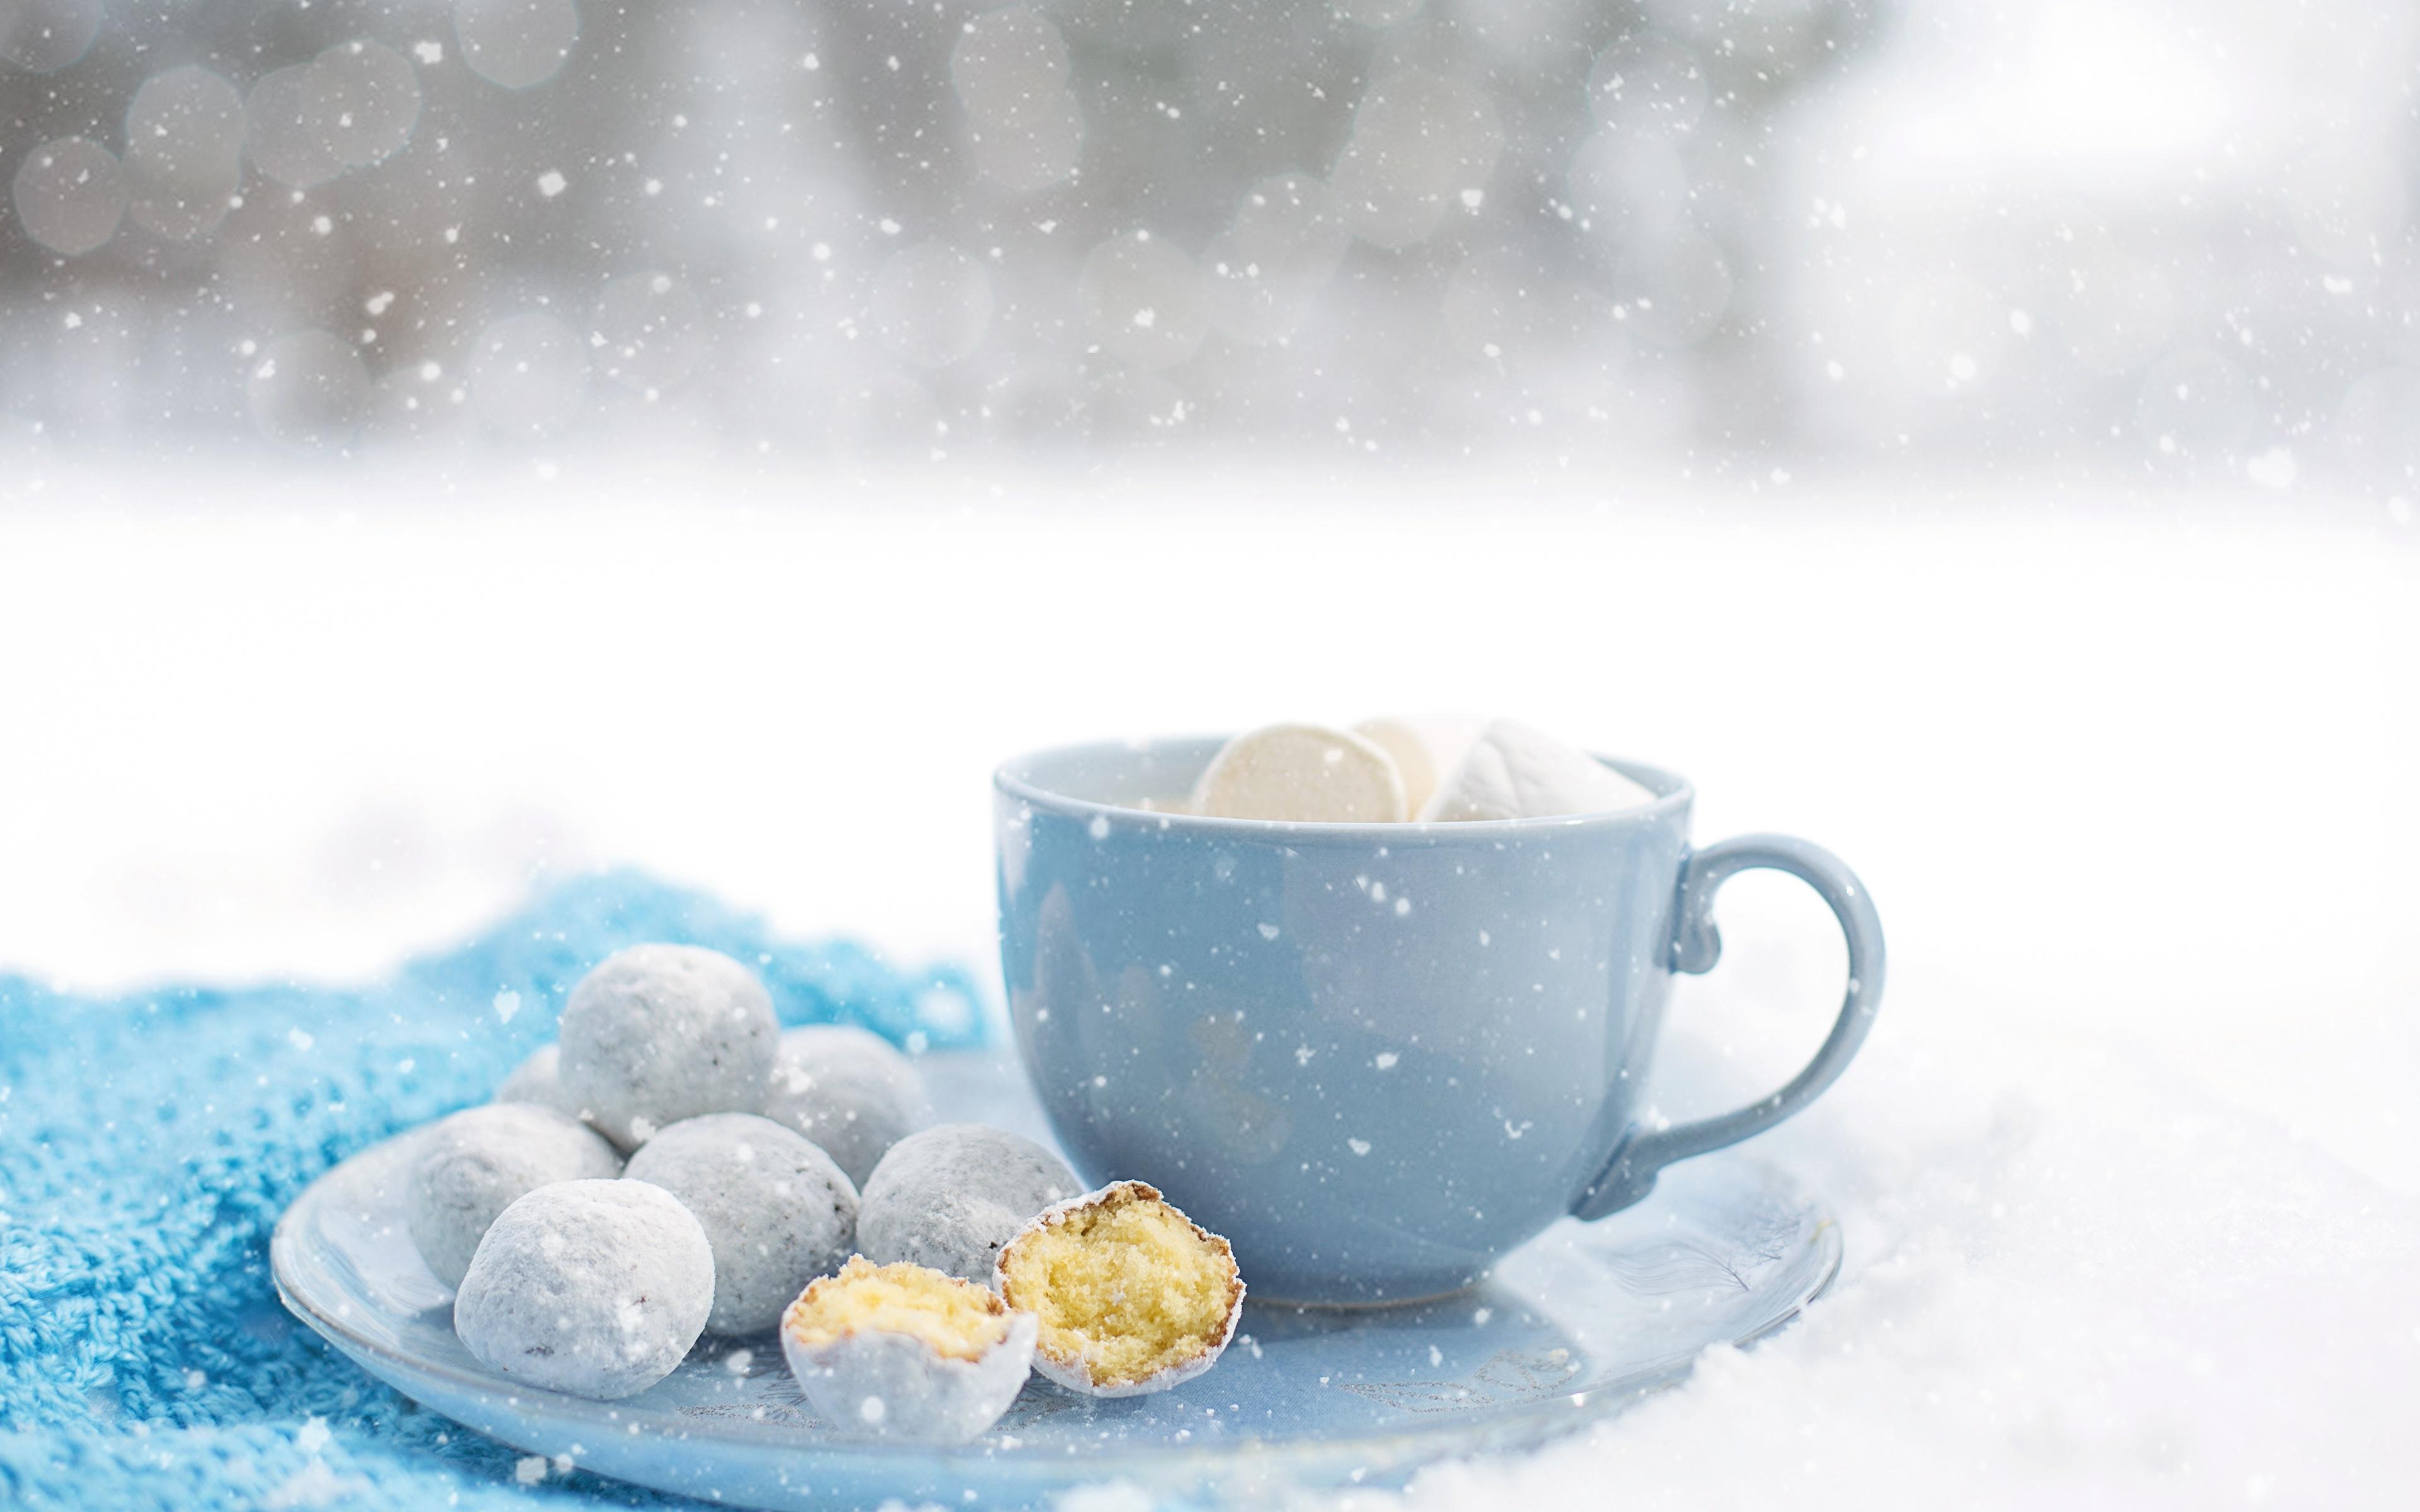 Картинка снежинка Еда чашке Печенье 3840x2400 Снежинки Пища Чашка Продукты питания